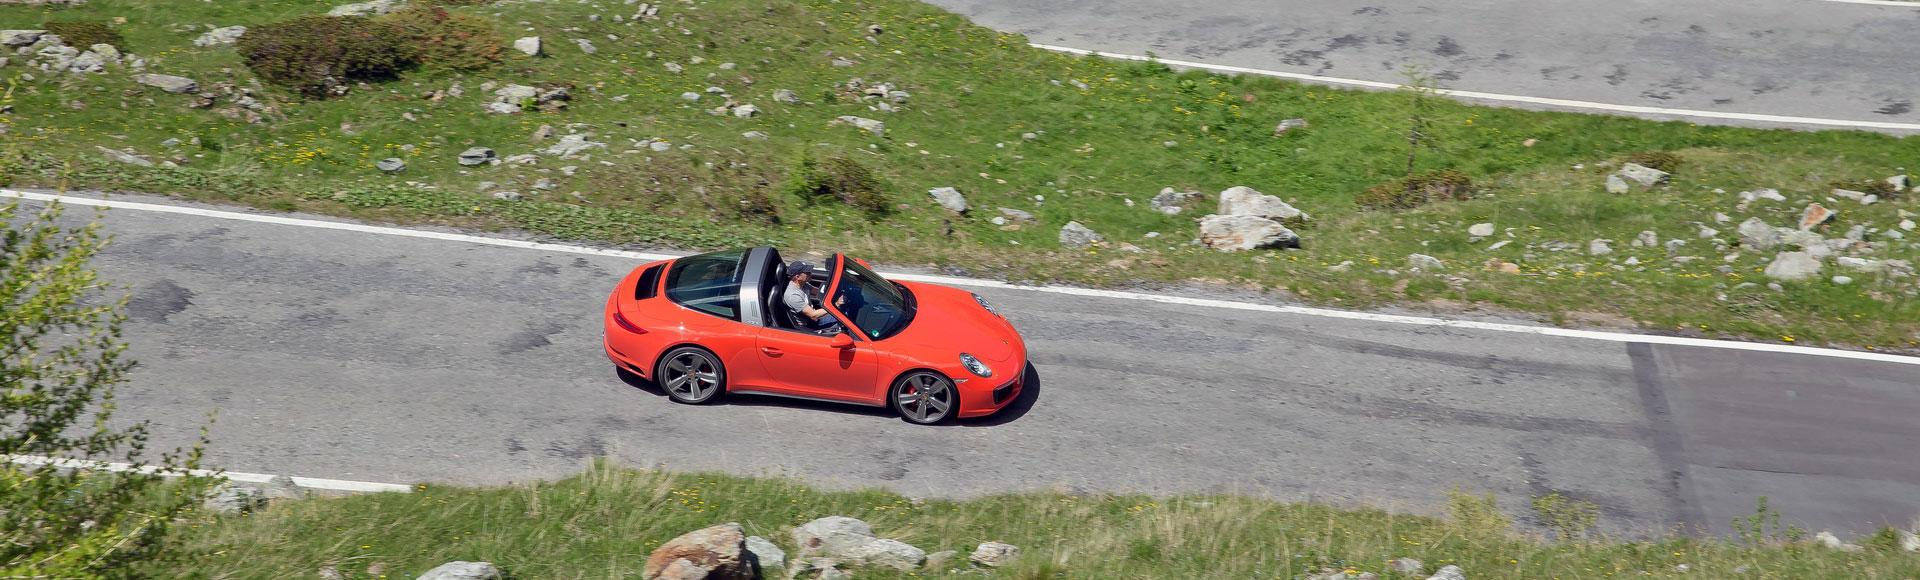 Porsche 911 991 4S Targa 2016 0962 Sommer